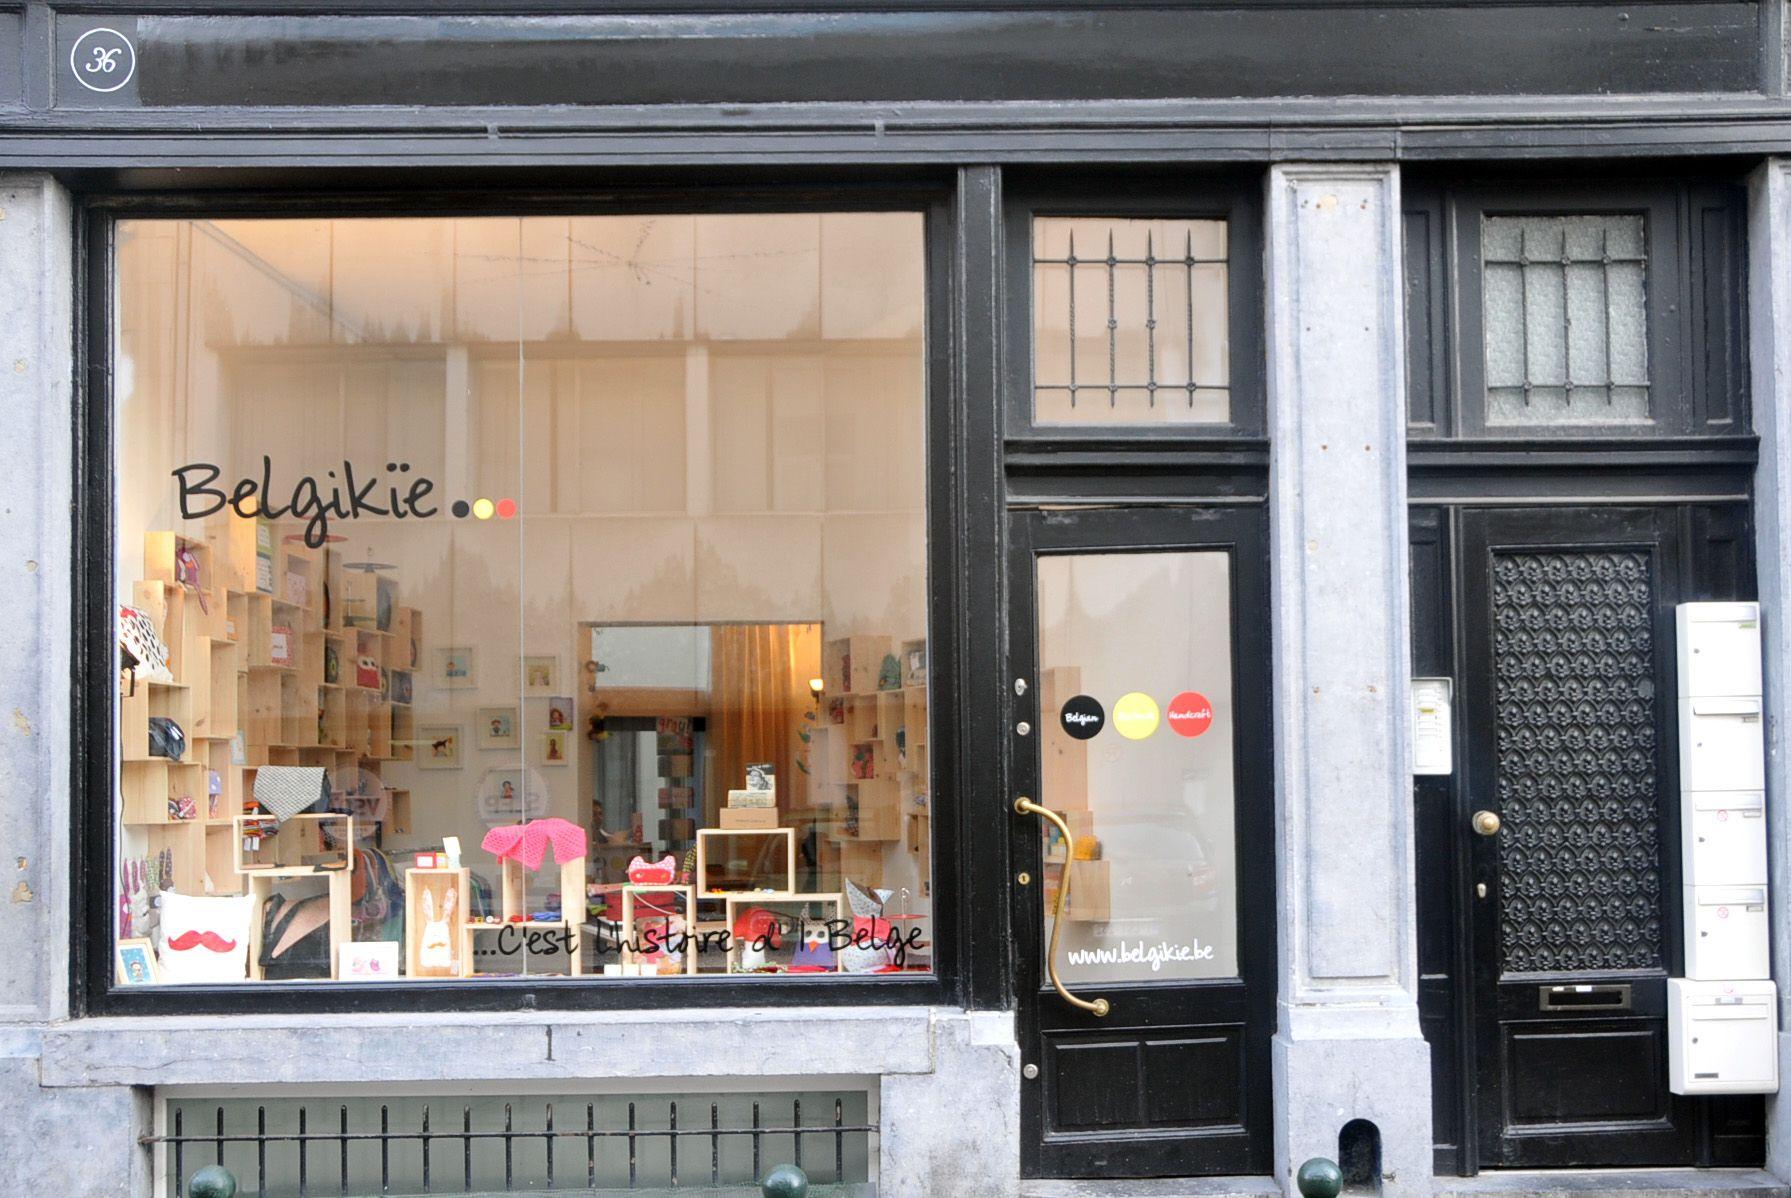 Boutique de créateurs 100% belges. Idéal pour cadeaux et souvenirs.